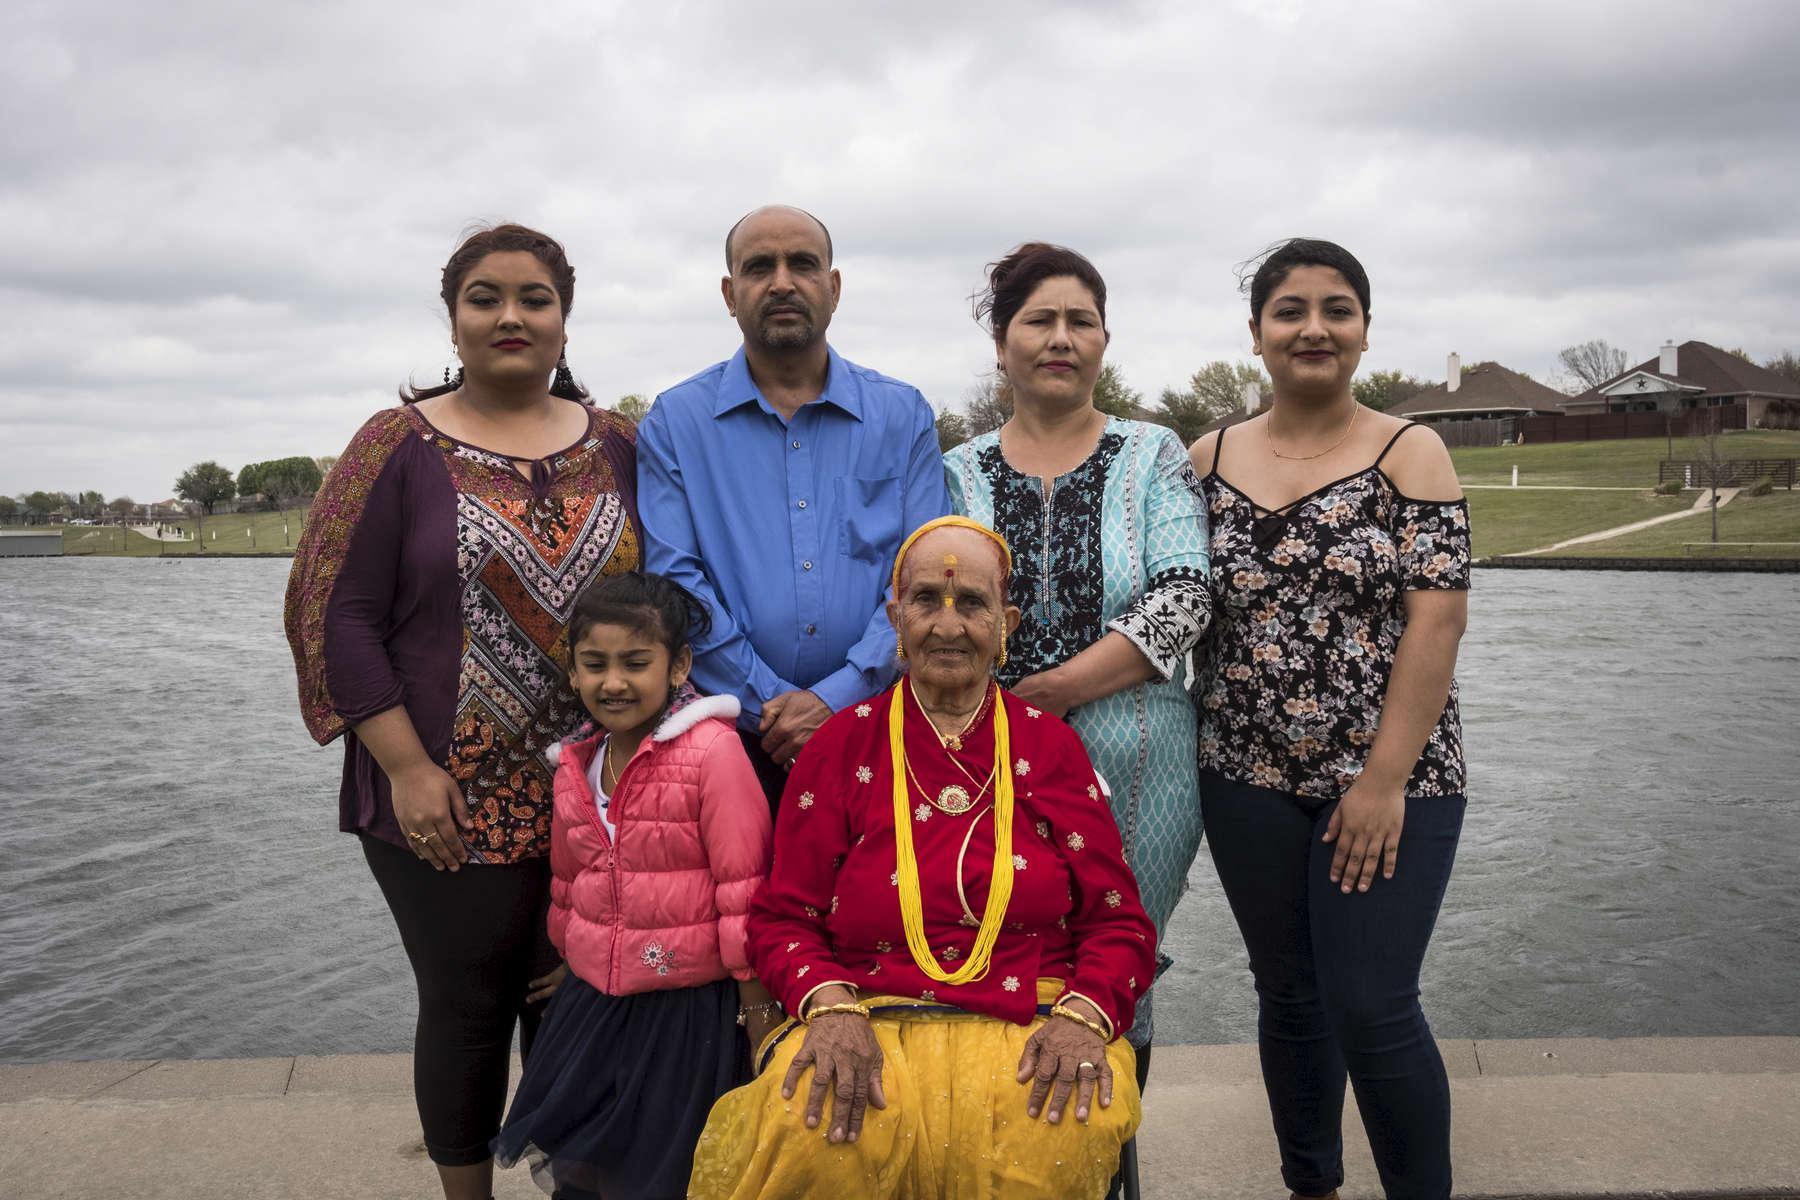 Photo de famille, Bydhya, 19 ans, Rabi, 46 ans, Hema, 40 ans, Rabina, 21 ans, Angélina 4 ans, Radika 86 ans. La famille Mainali pose dans le parc près de leur maison. . Watauga, Texas, Etats-Unis, 2018.